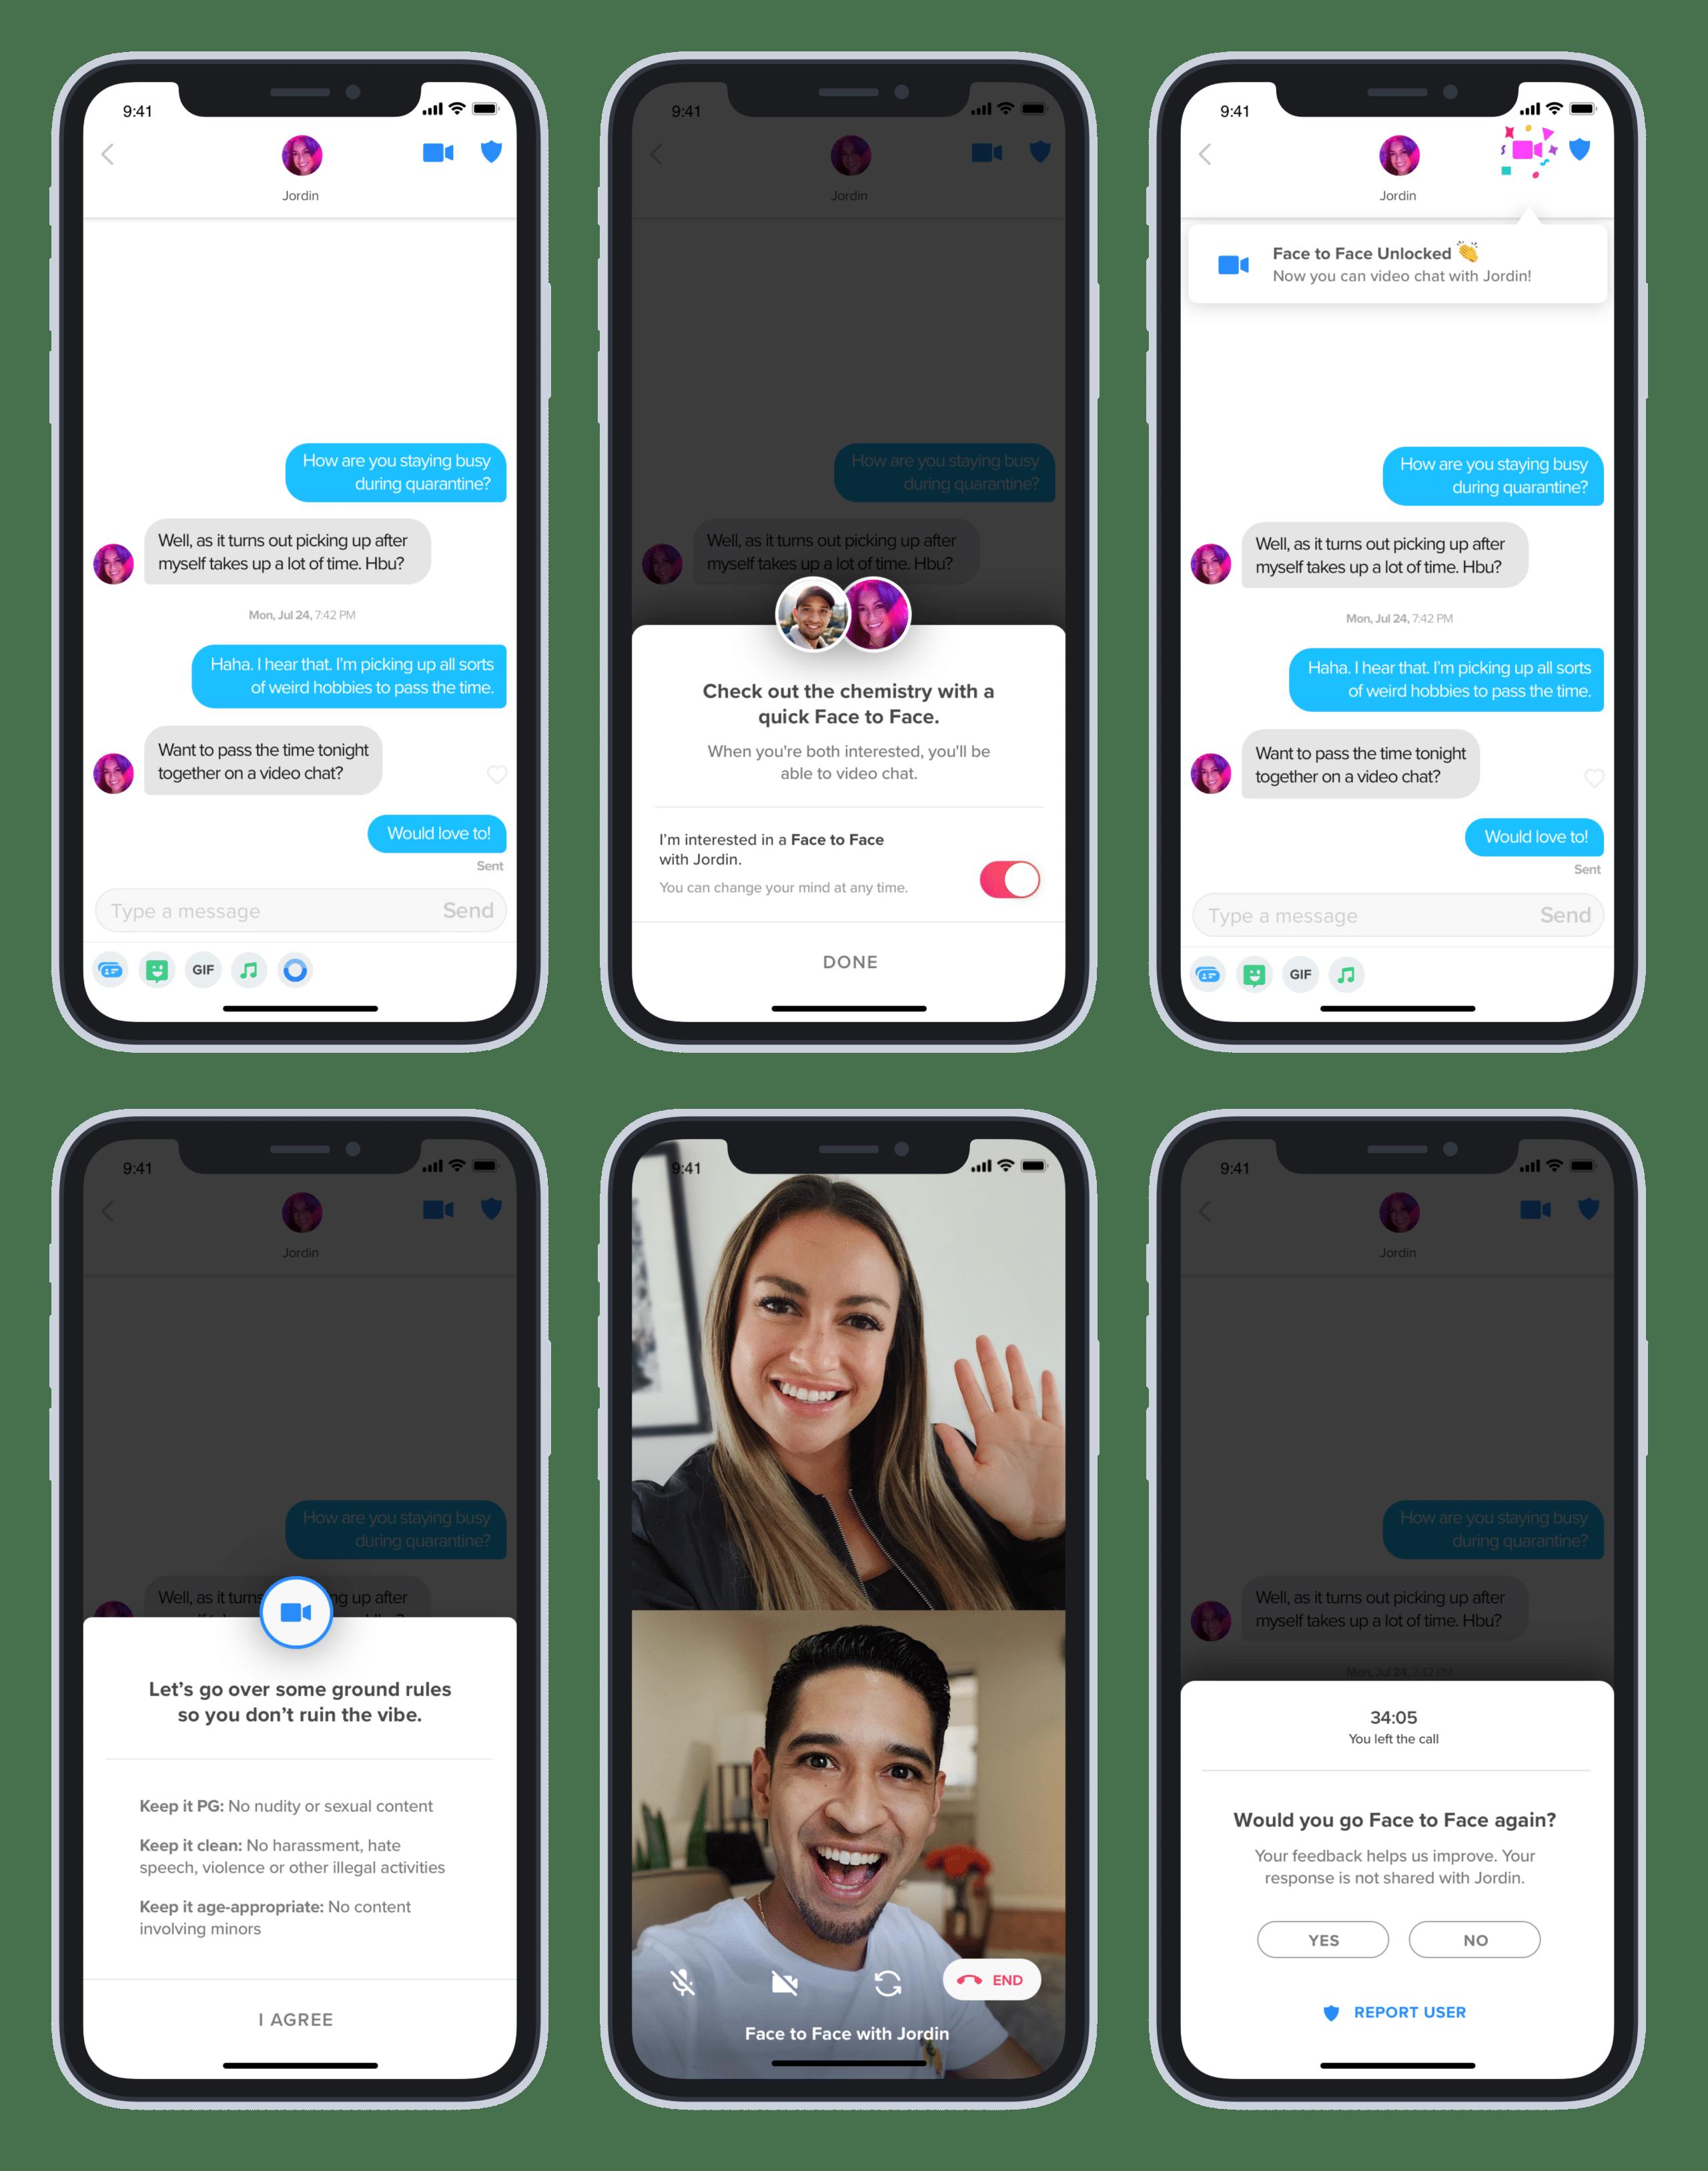 Ligação de vídeo no Tinder